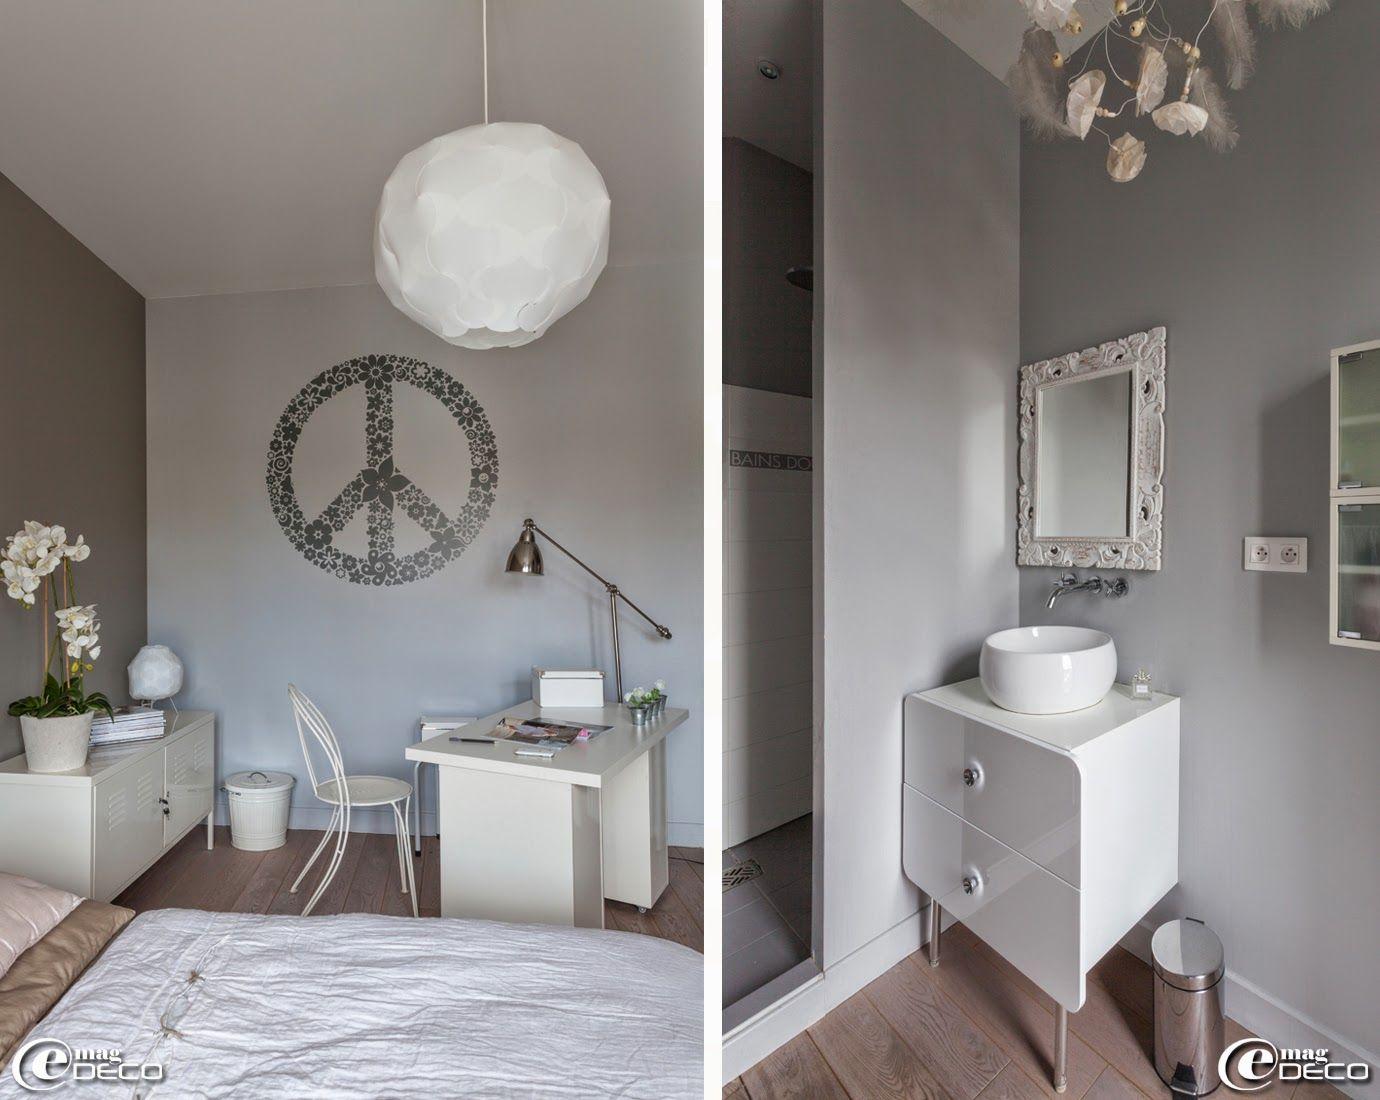 meuble bas m tallique 39 ikea 39 orchid e 39 sia 39 dans une salle d eau meuble vasque 39 castorama 39 et. Black Bedroom Furniture Sets. Home Design Ideas